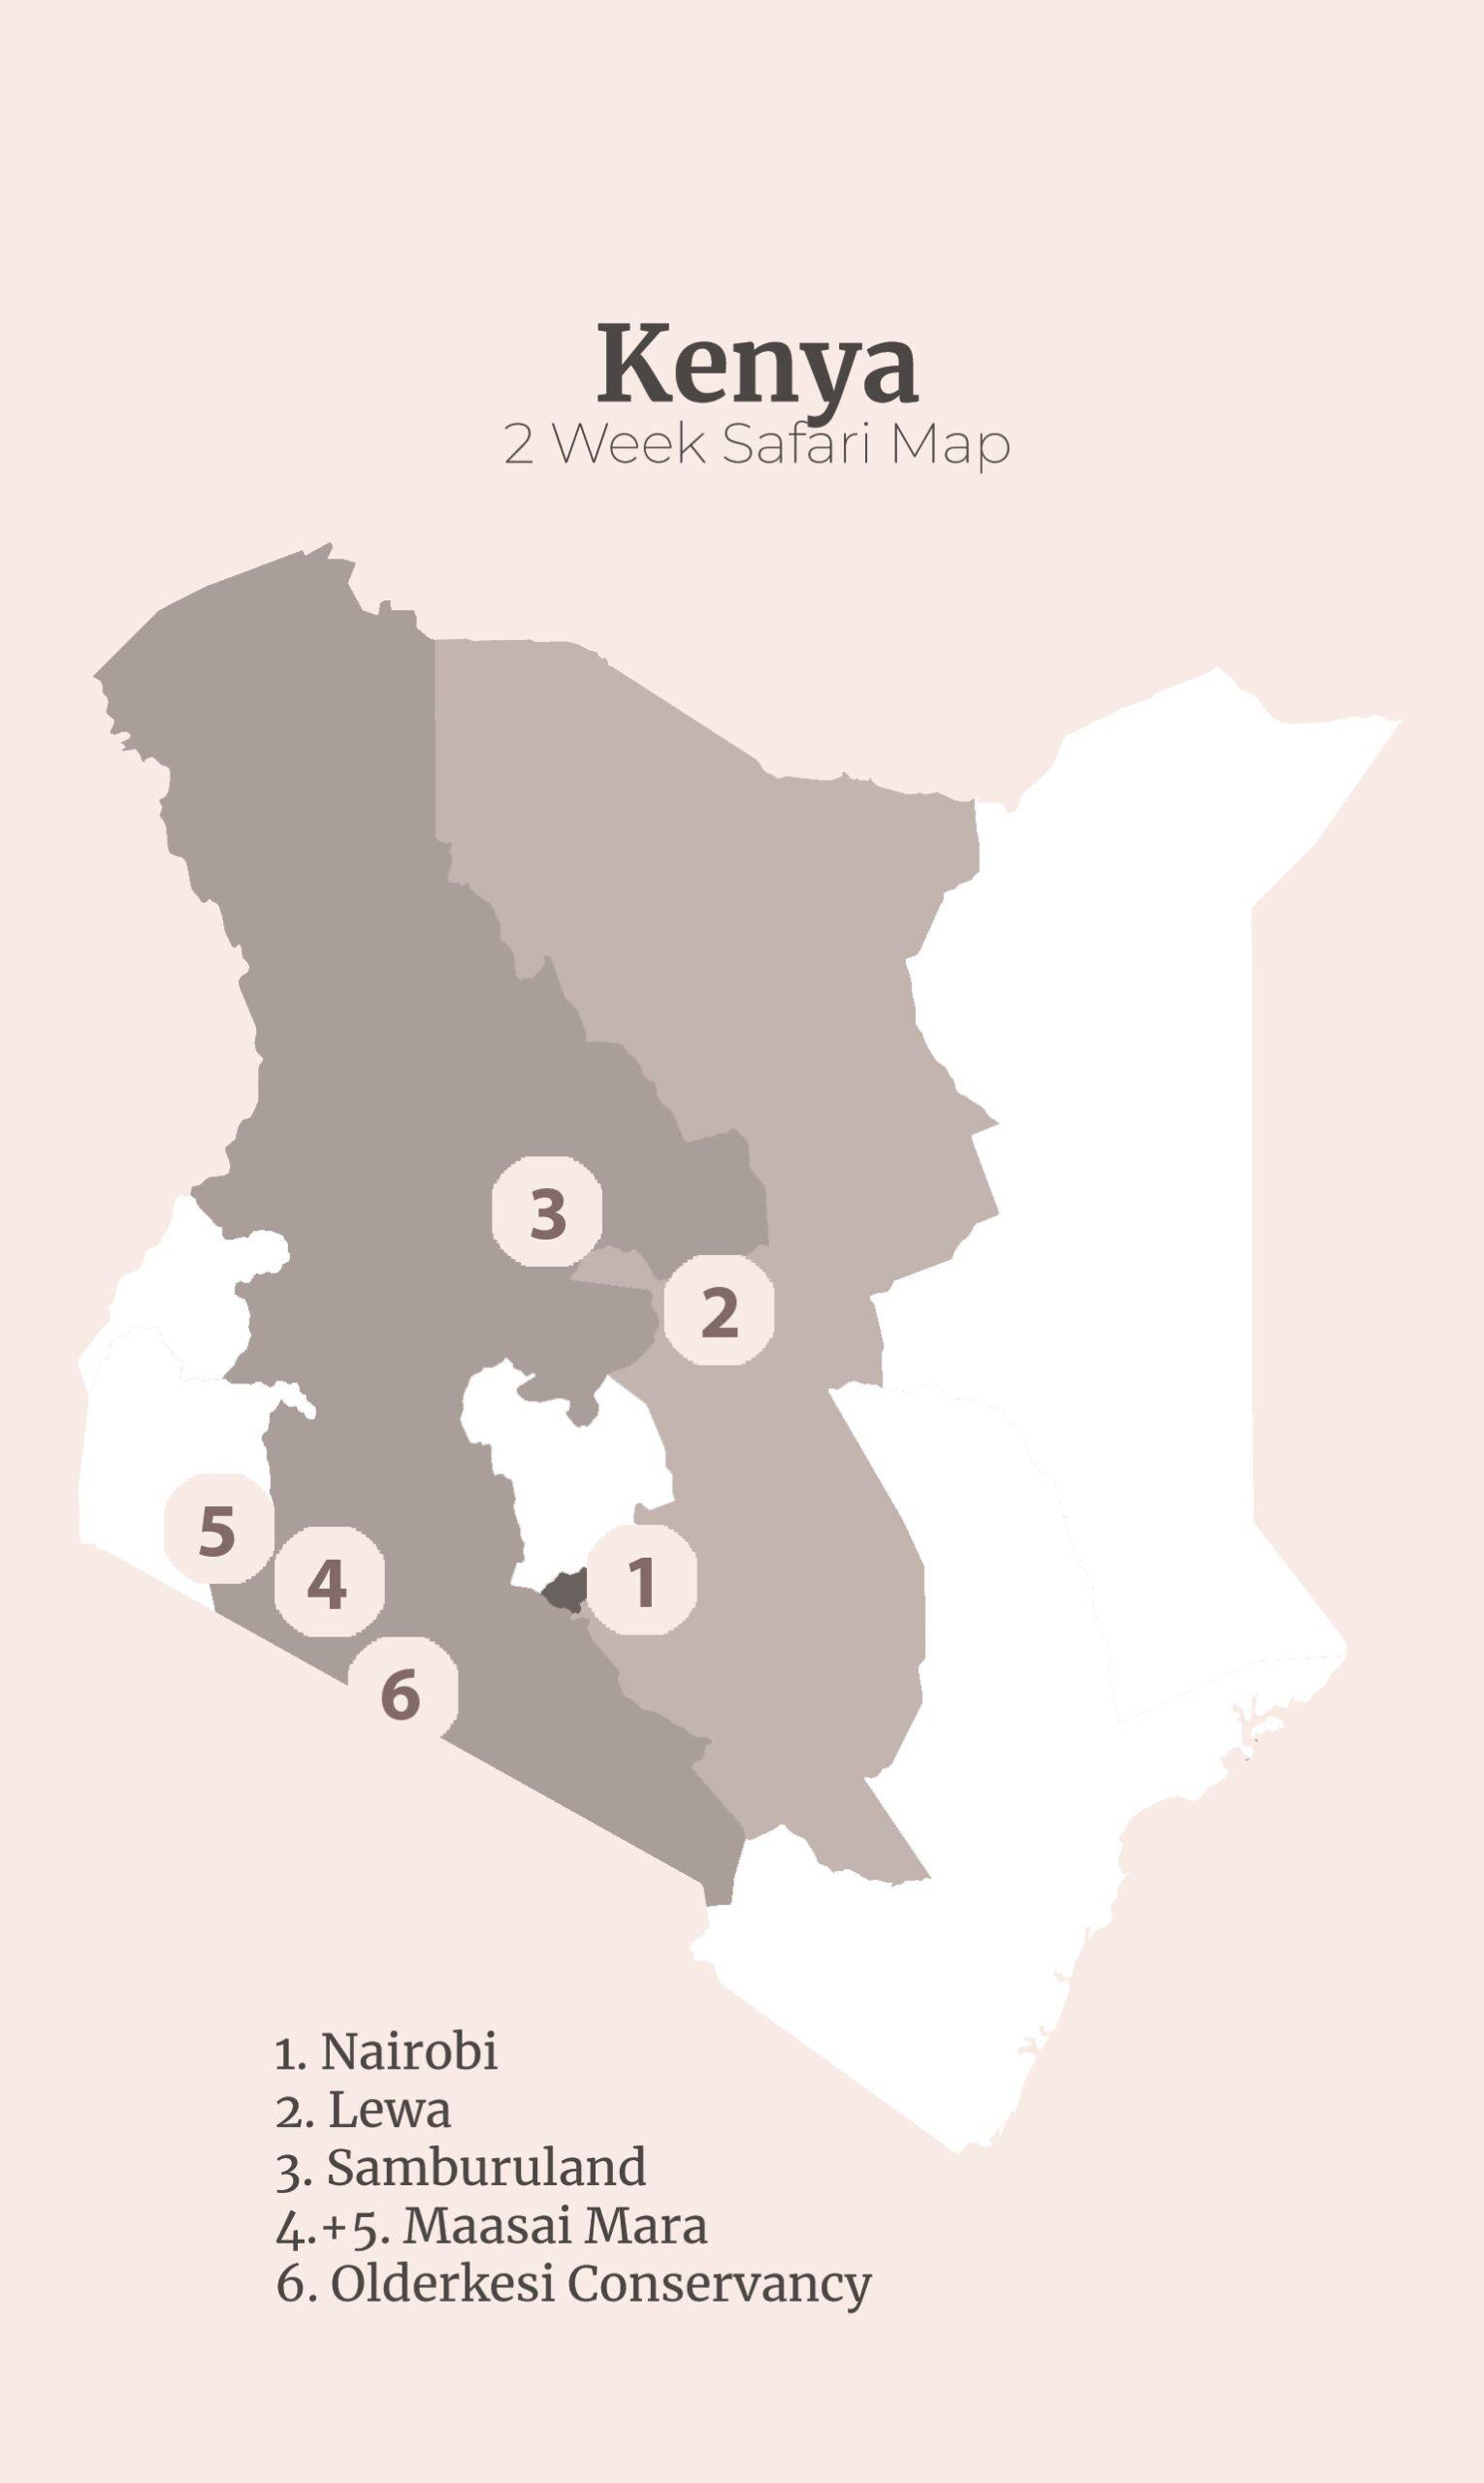 2 week Kenya safari itinerary